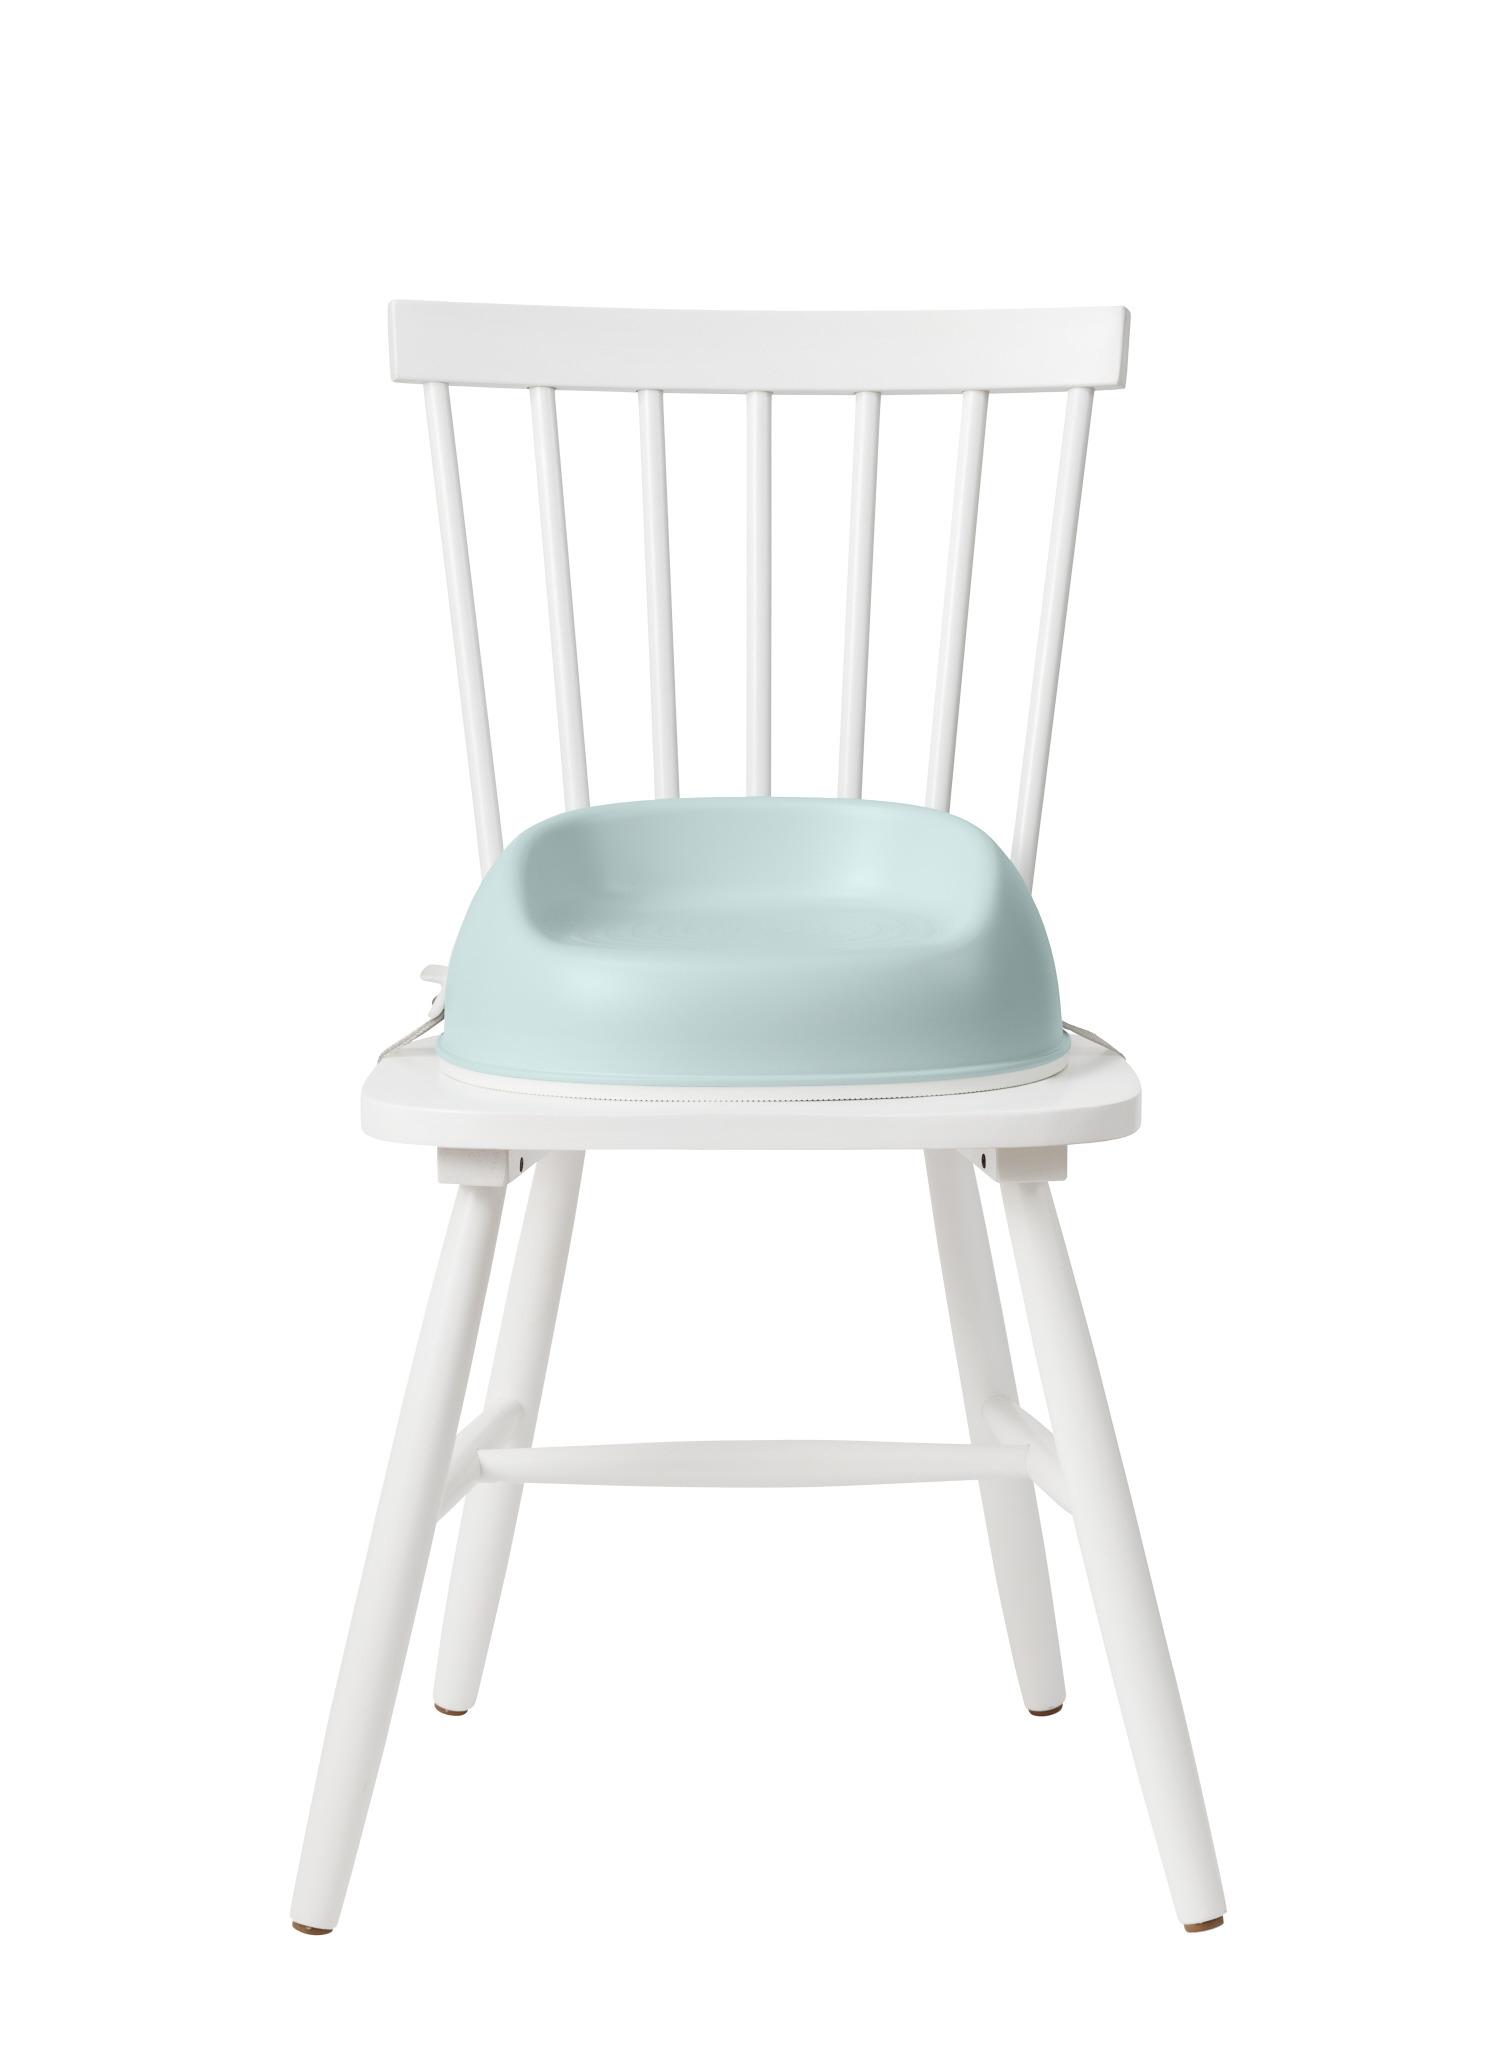 BABYBJORN – nakładka na krzesło, Miętowa zieleń